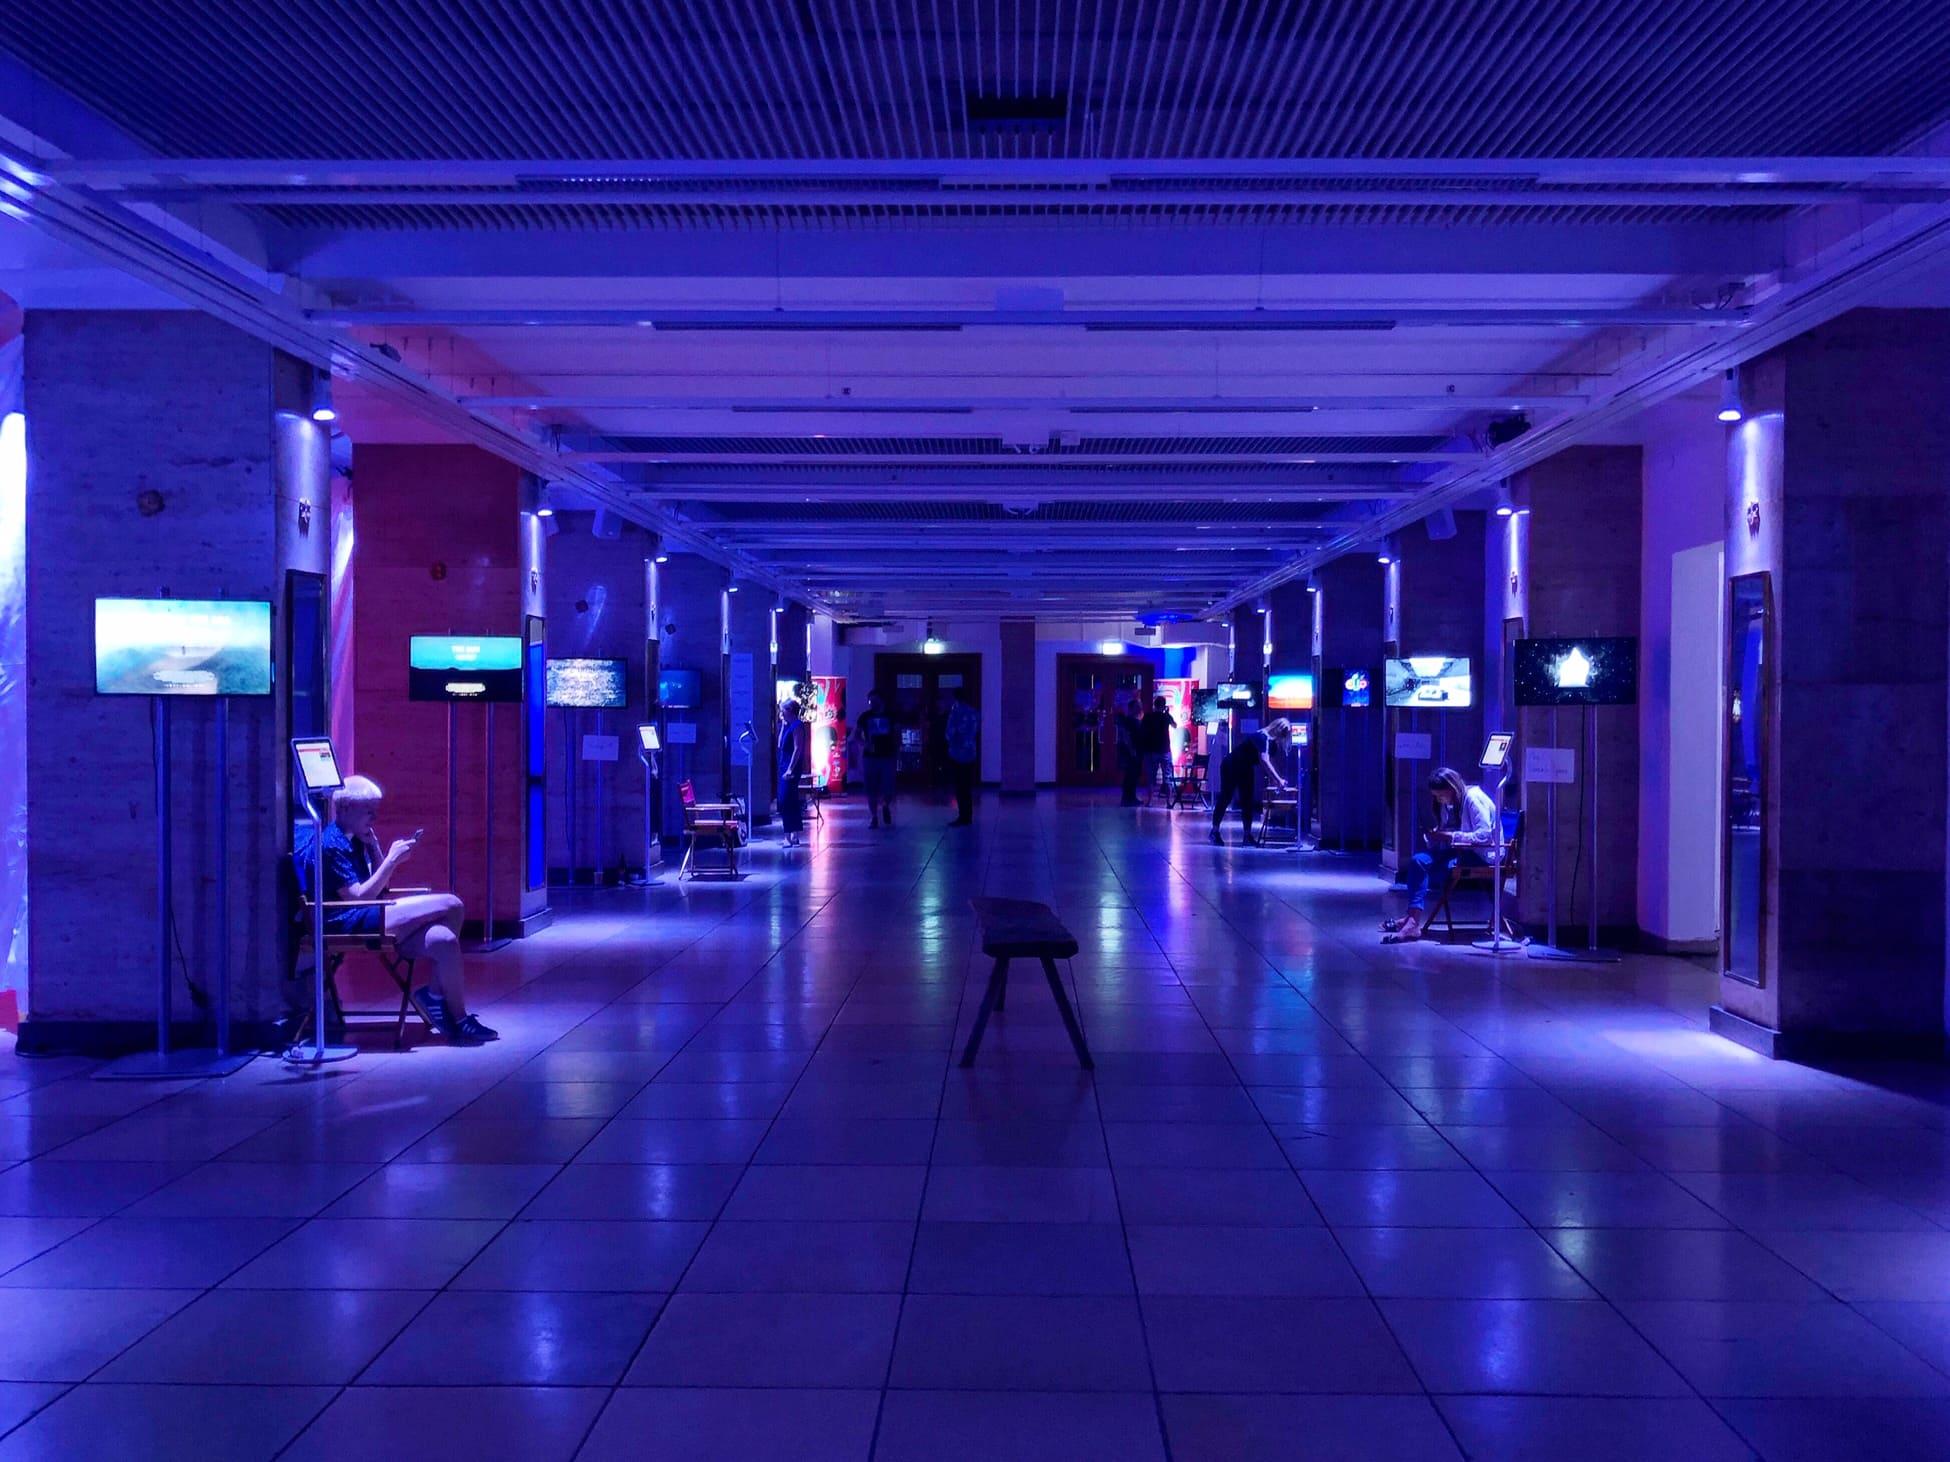 Virtual Worlds: Als Ausstellungsraum für die VR-Erfahrungen diente das Isarforum. © VR Geschichten/ Pola Weiß